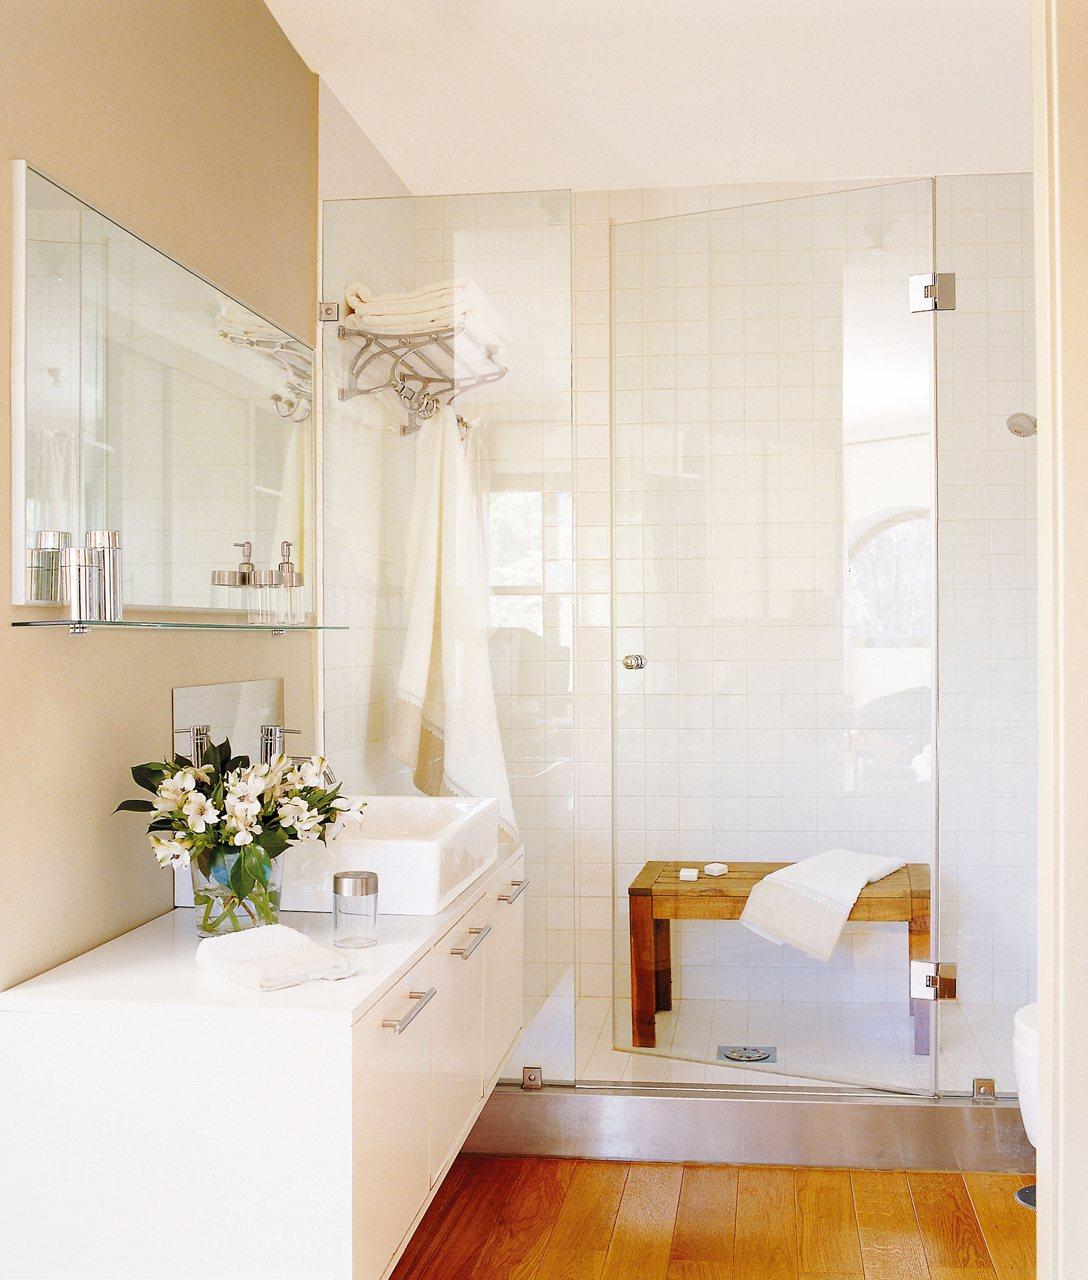 Un ba o muy completo en pocos metros - Imagenes de banos con ducha ...